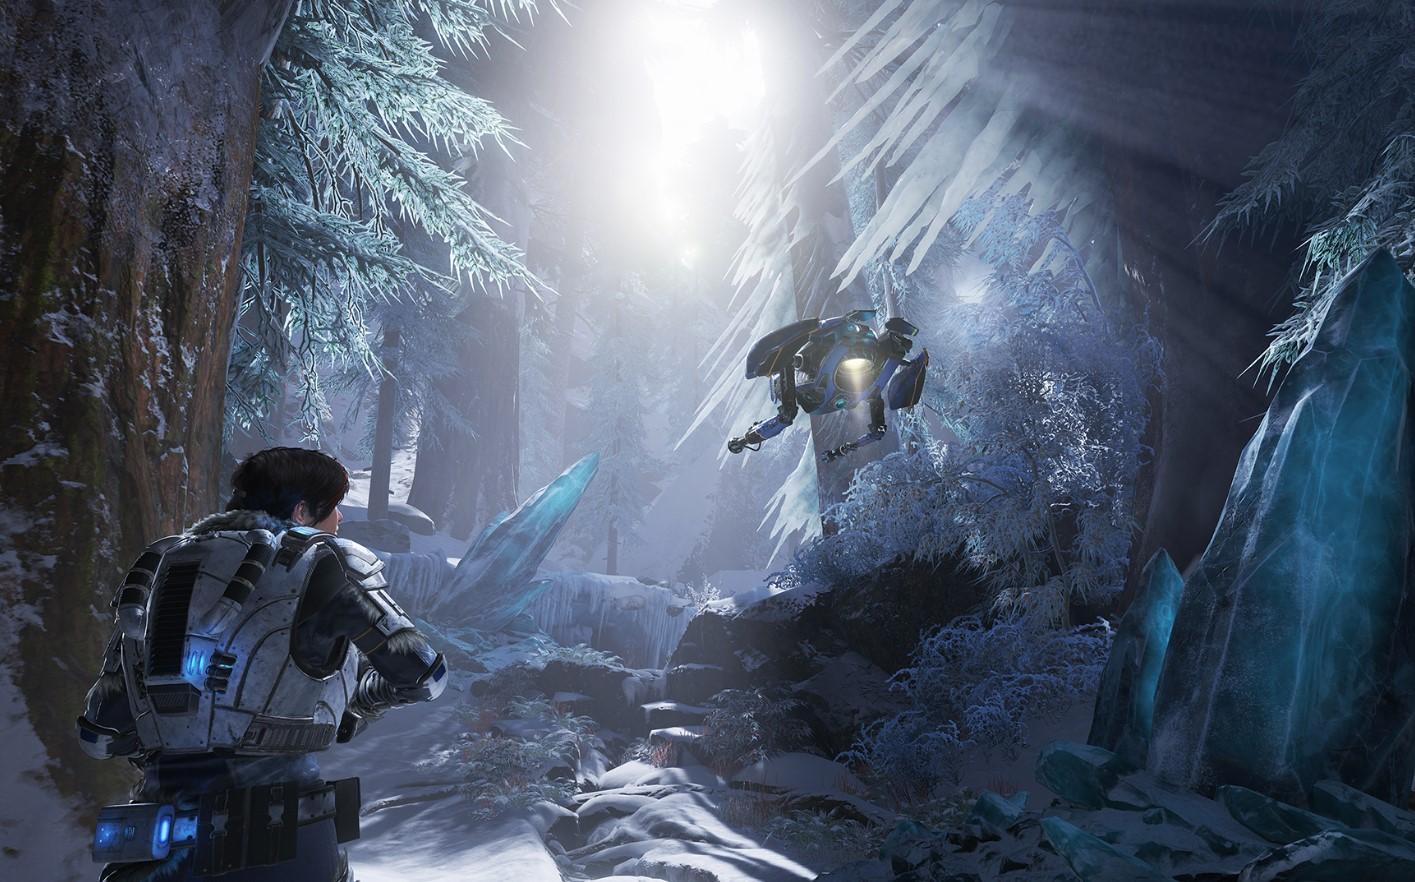 Gears 5 debutó con todo: desplazó a Fortnite como el juego más popular de la Xbox Store